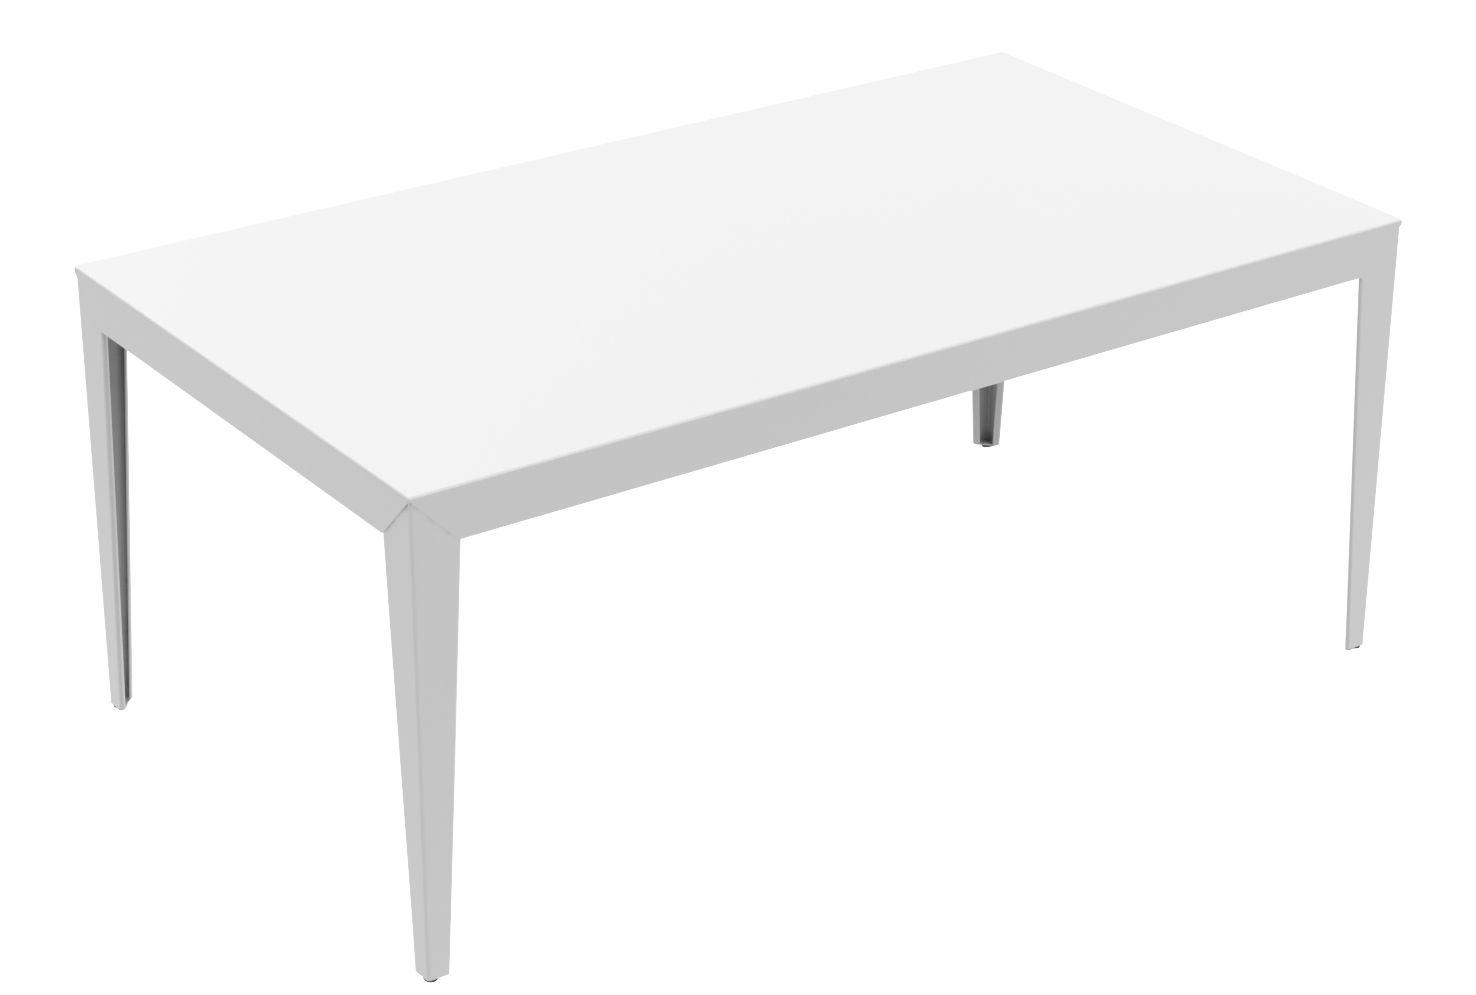 Mobilier - Tables - Table rectangulaire Zef / 180 x 90 cm - Matière Grise - Blanc - Acier peint époxy